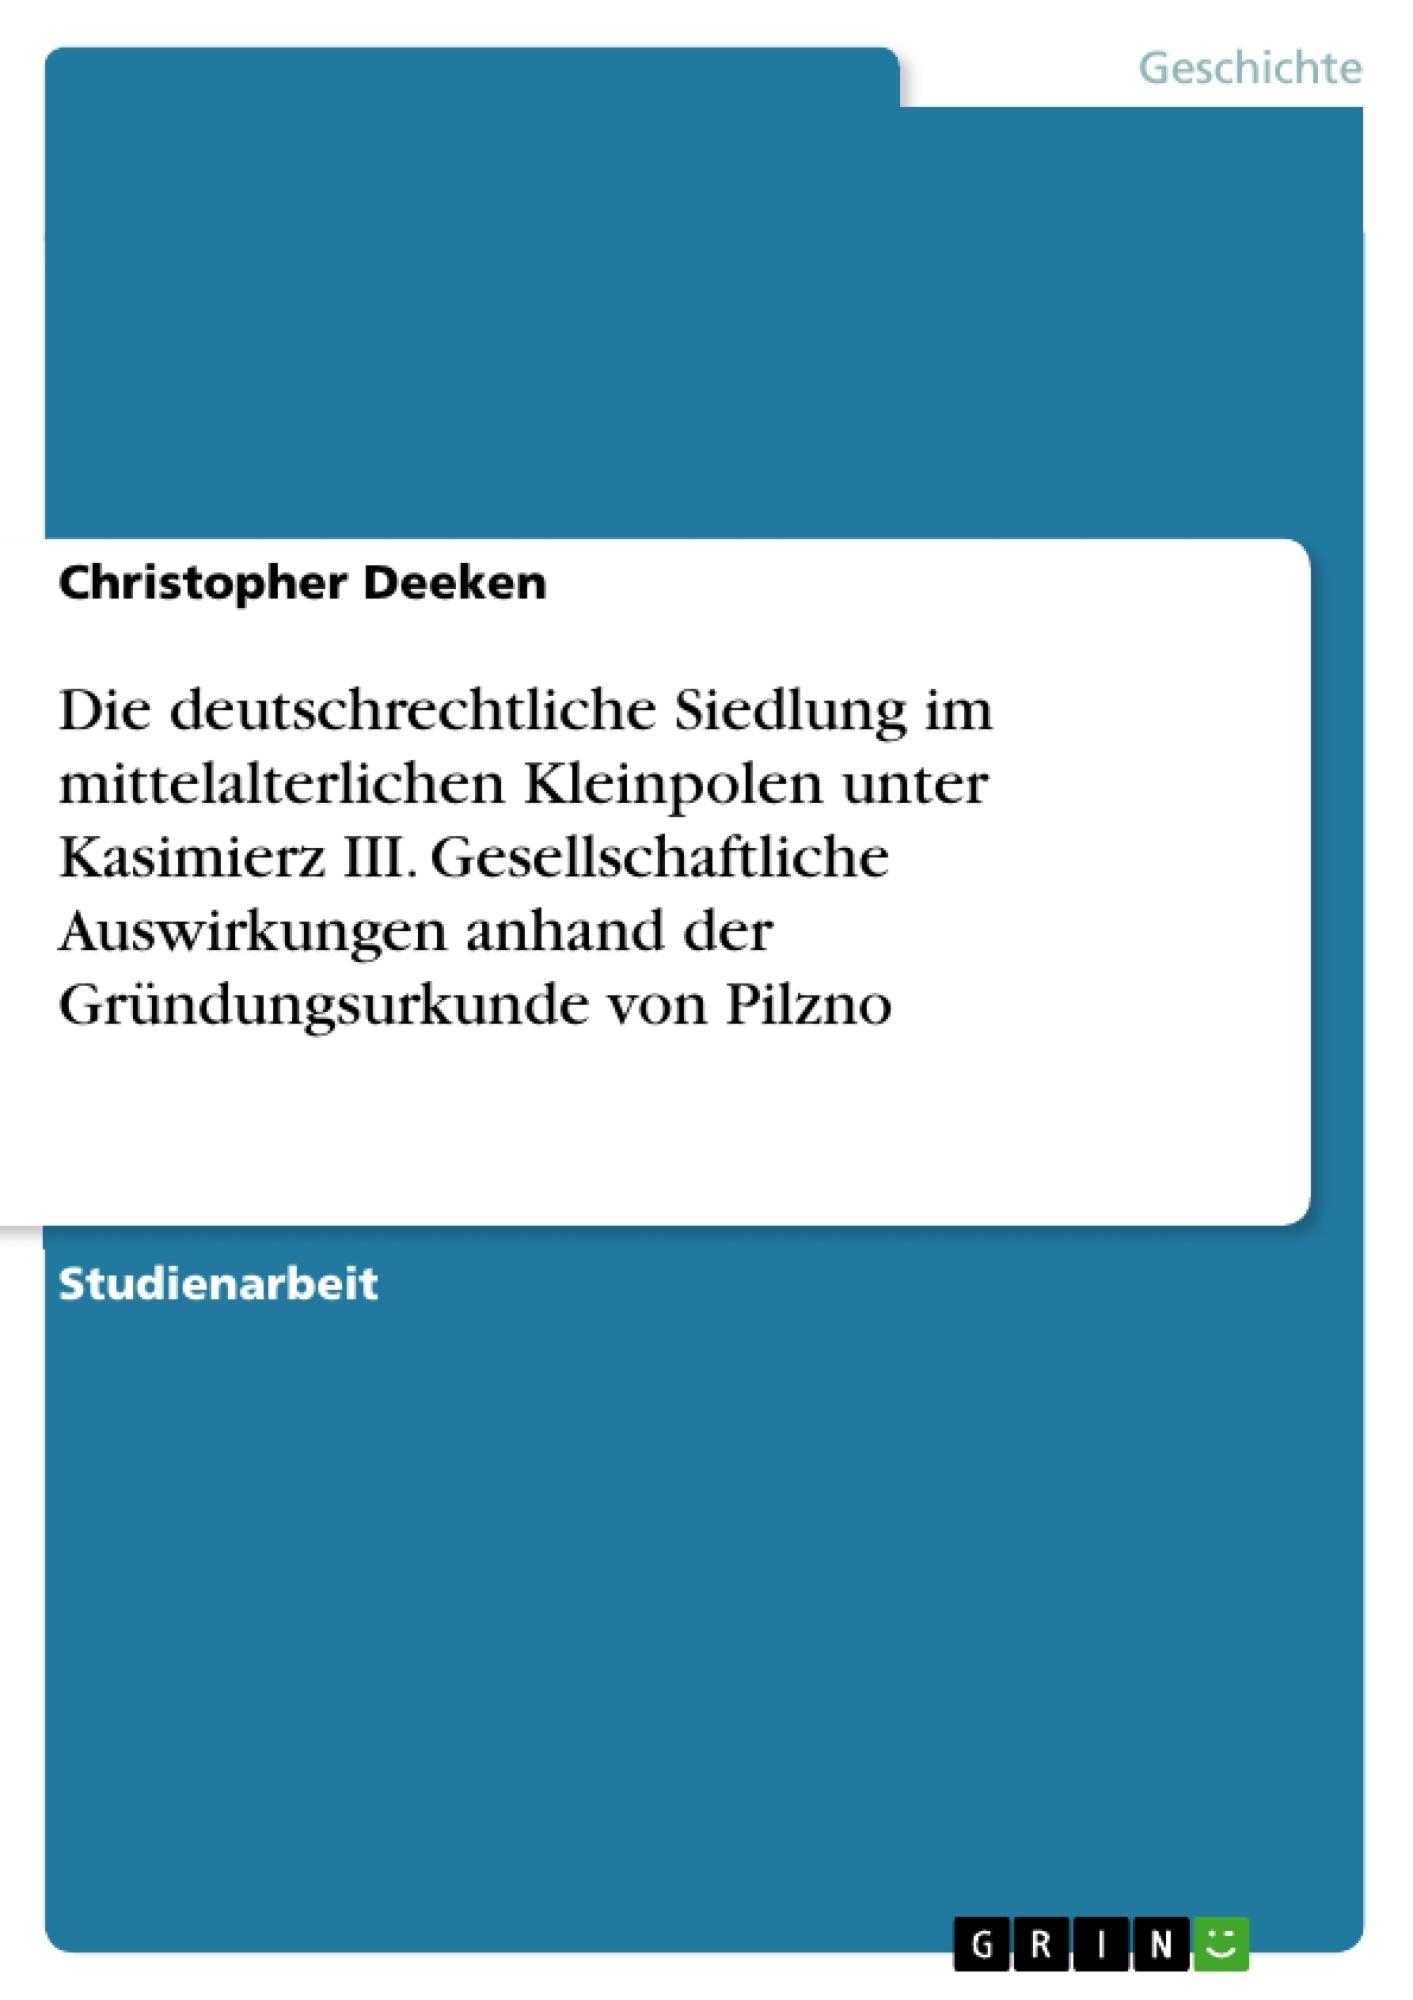 Titel: Die deutschrechtliche Siedlung im mittelalterlichen Kleinpolen unter Kasimierz III. Gesellschaftliche Auswirkungen anhand der Gründungsurkunde von Pilzno